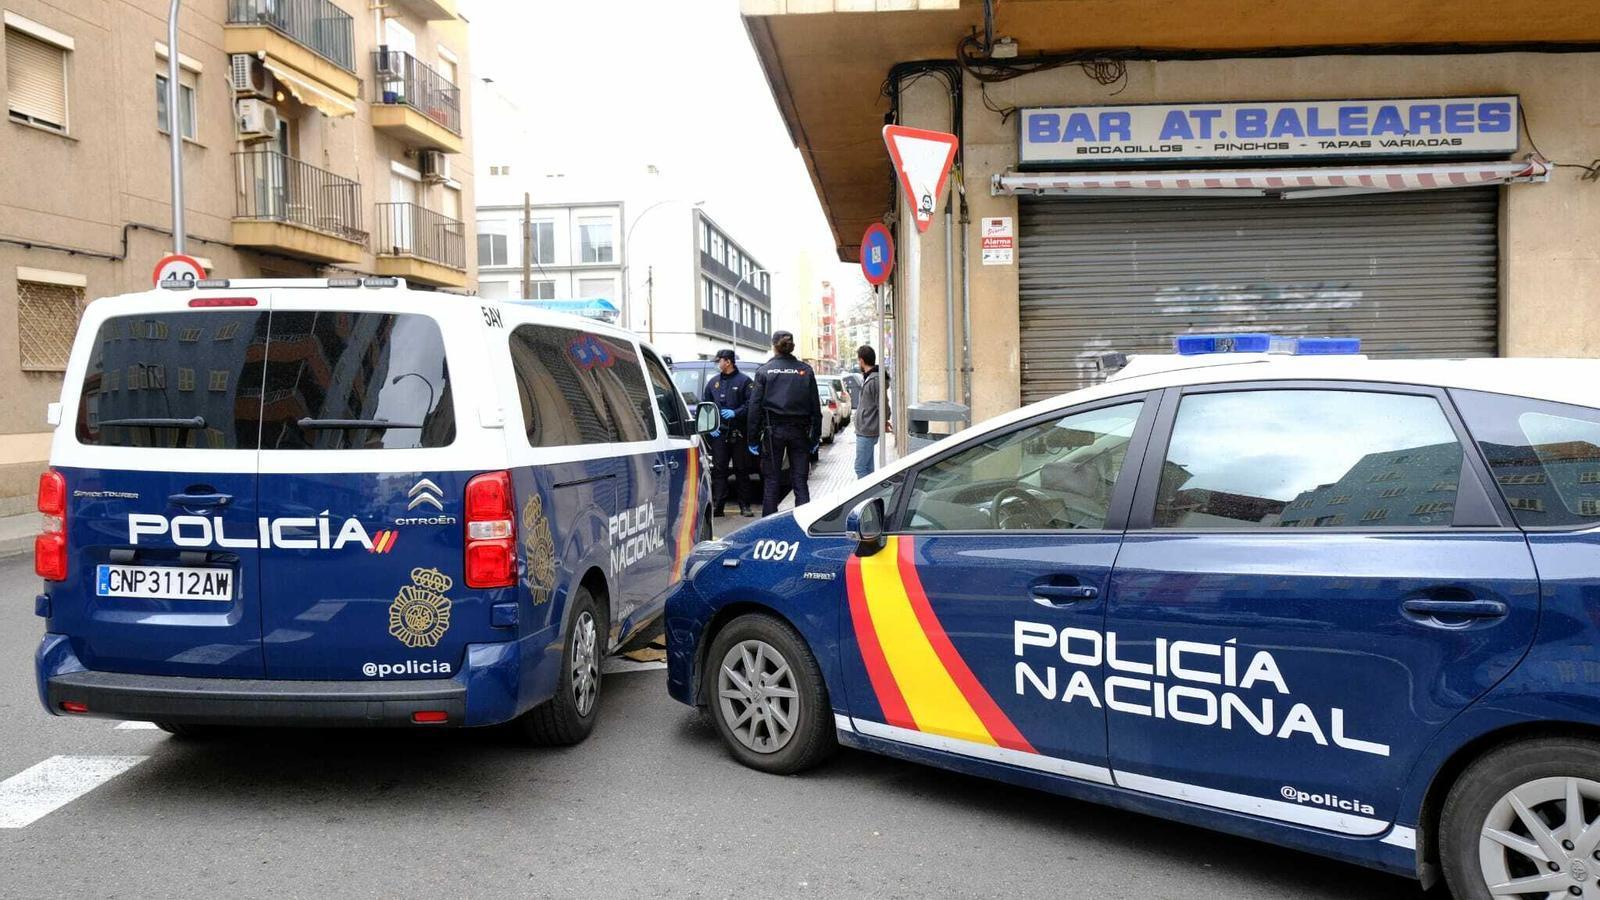 La Policia Nacional patrulla per Palma davant l'estat d'alarma